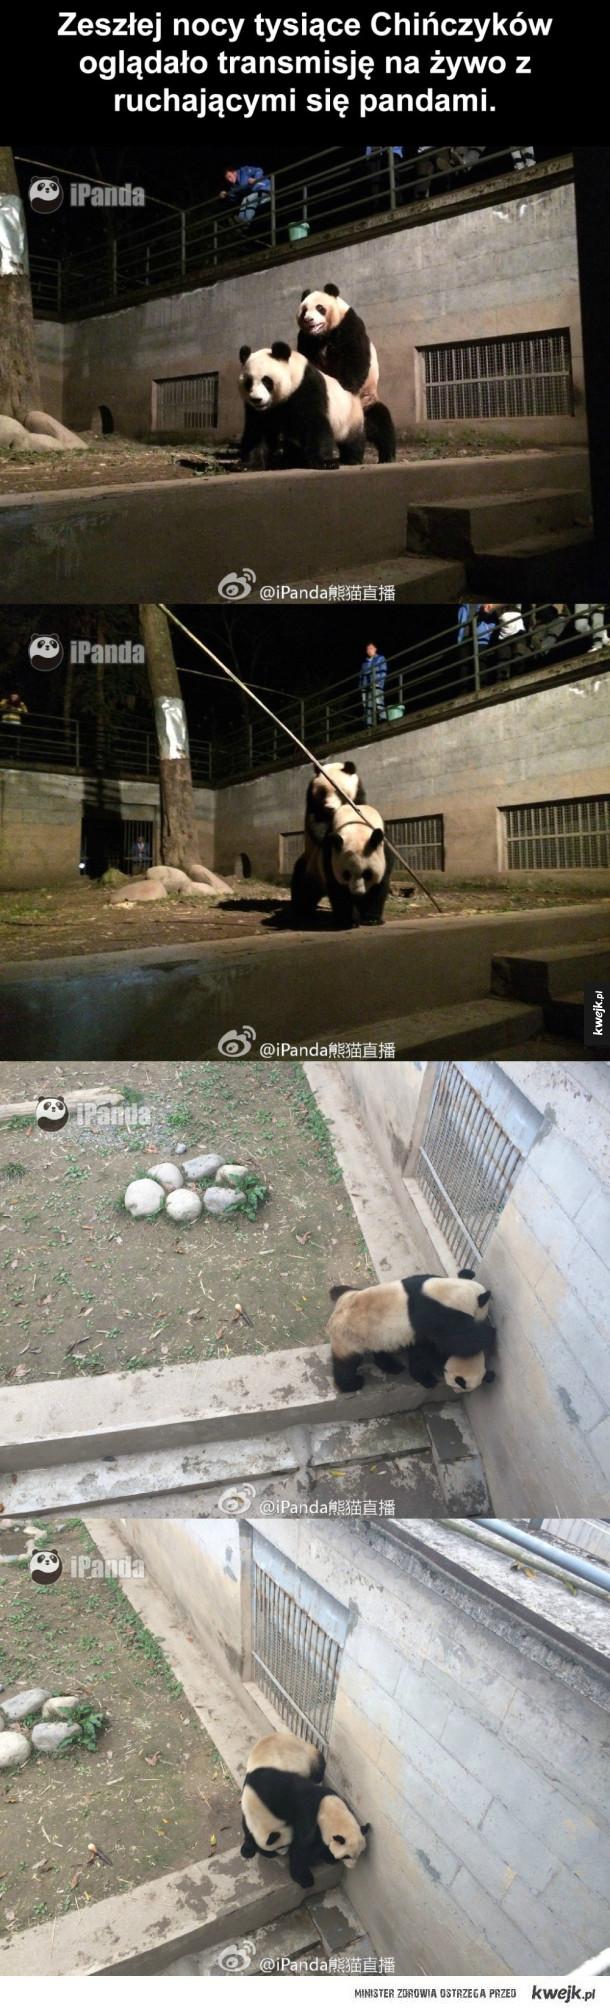 Pandy nie mają prywatności